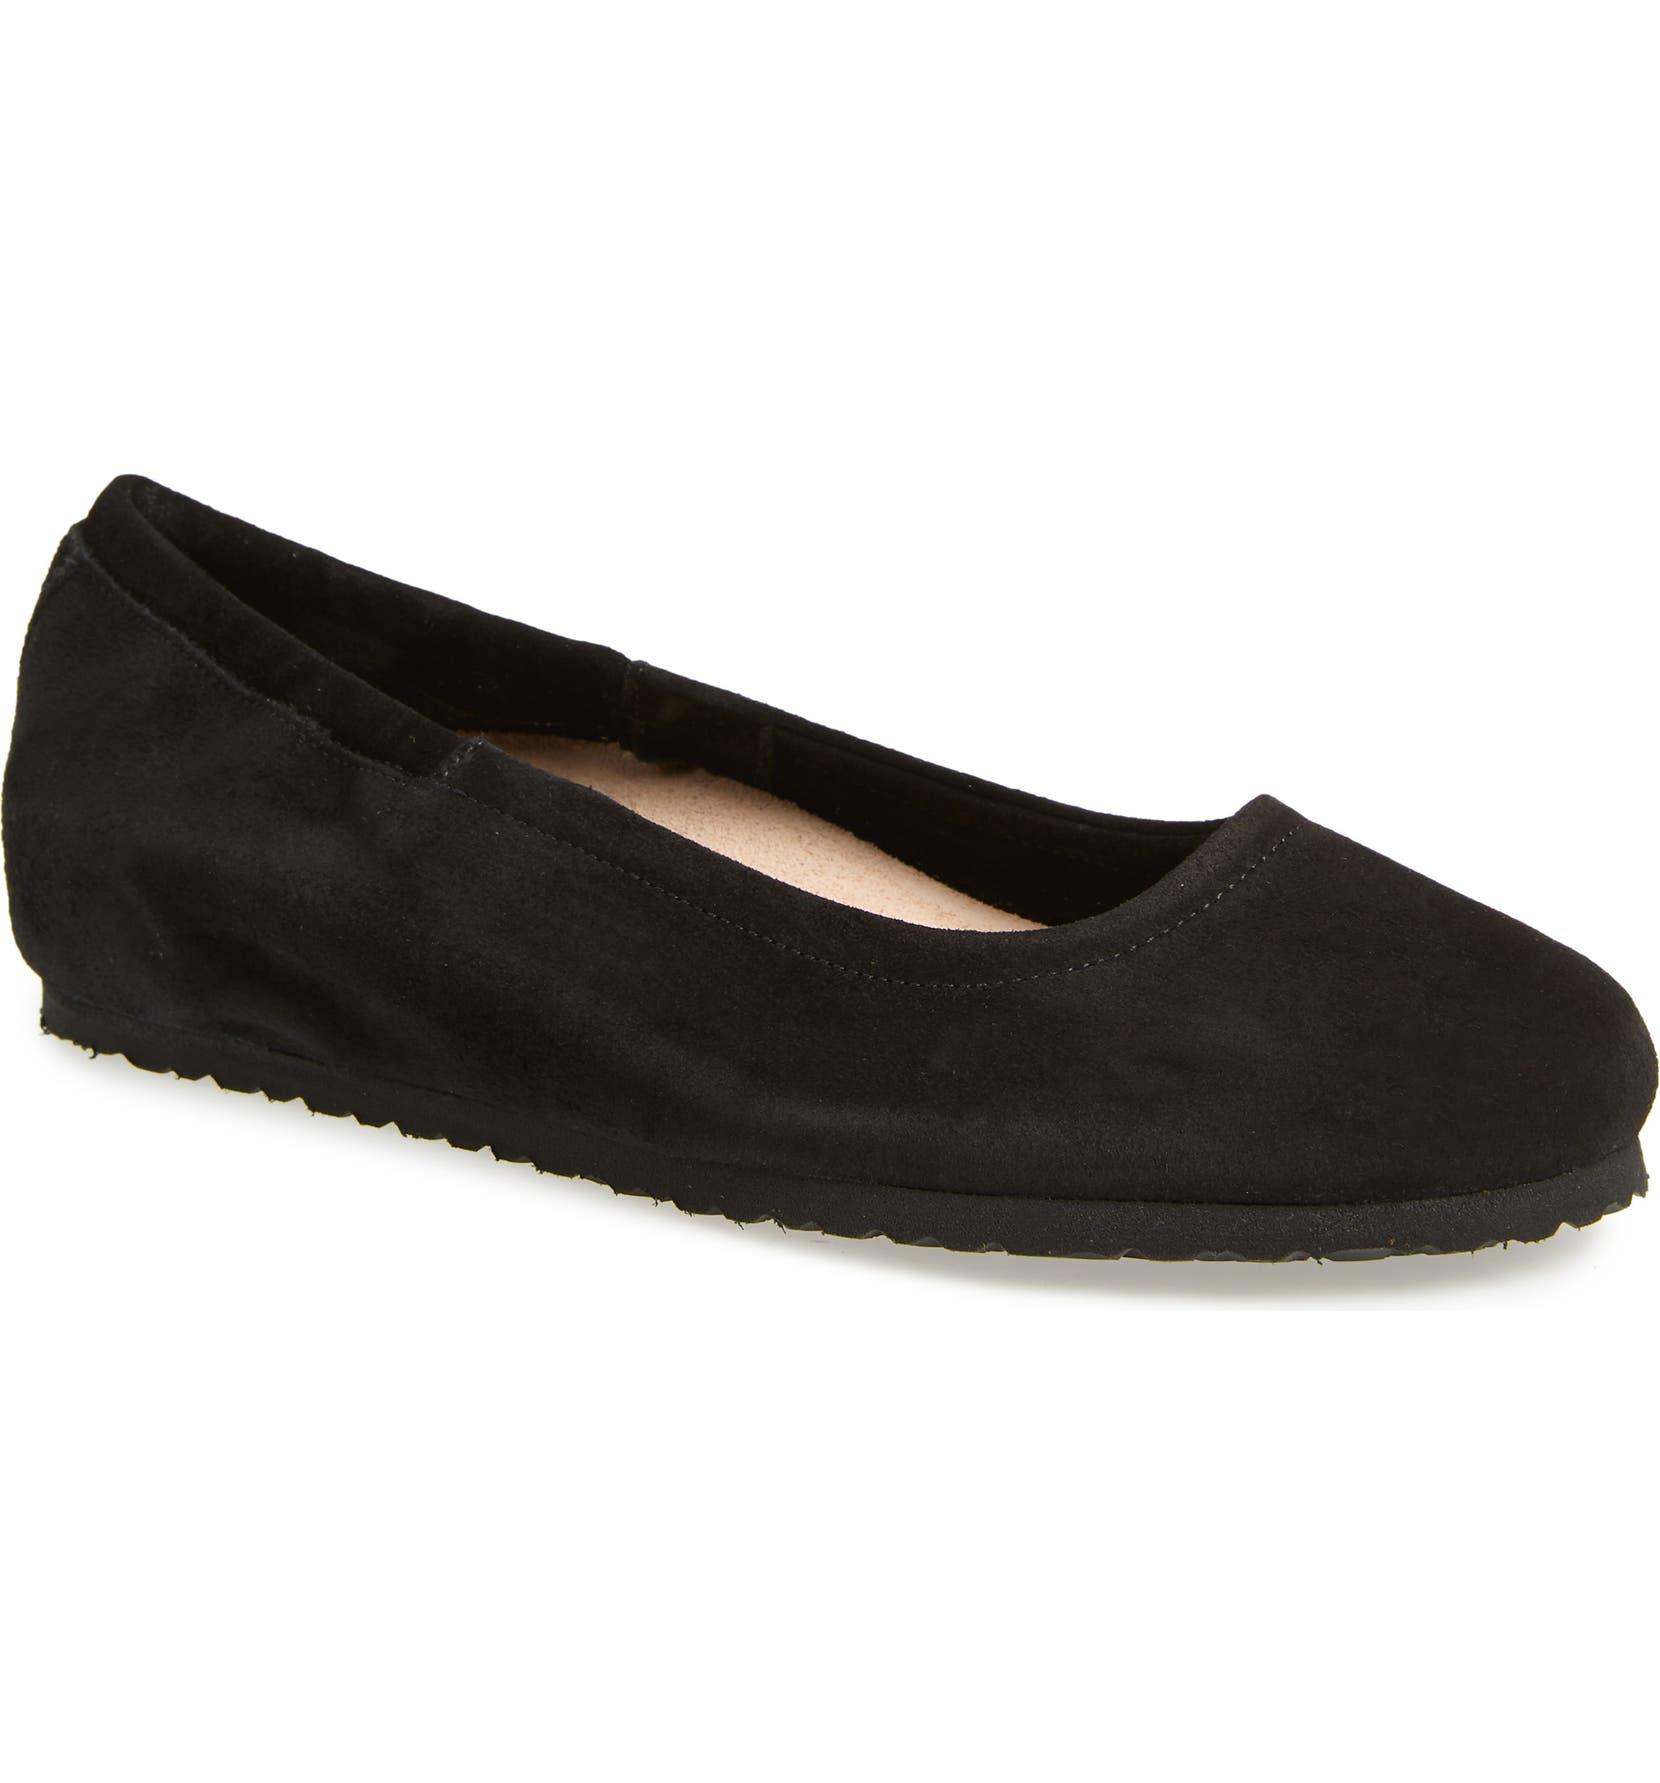 784366a0fad2 Birkenstock Celina Ballet Flat (Women)